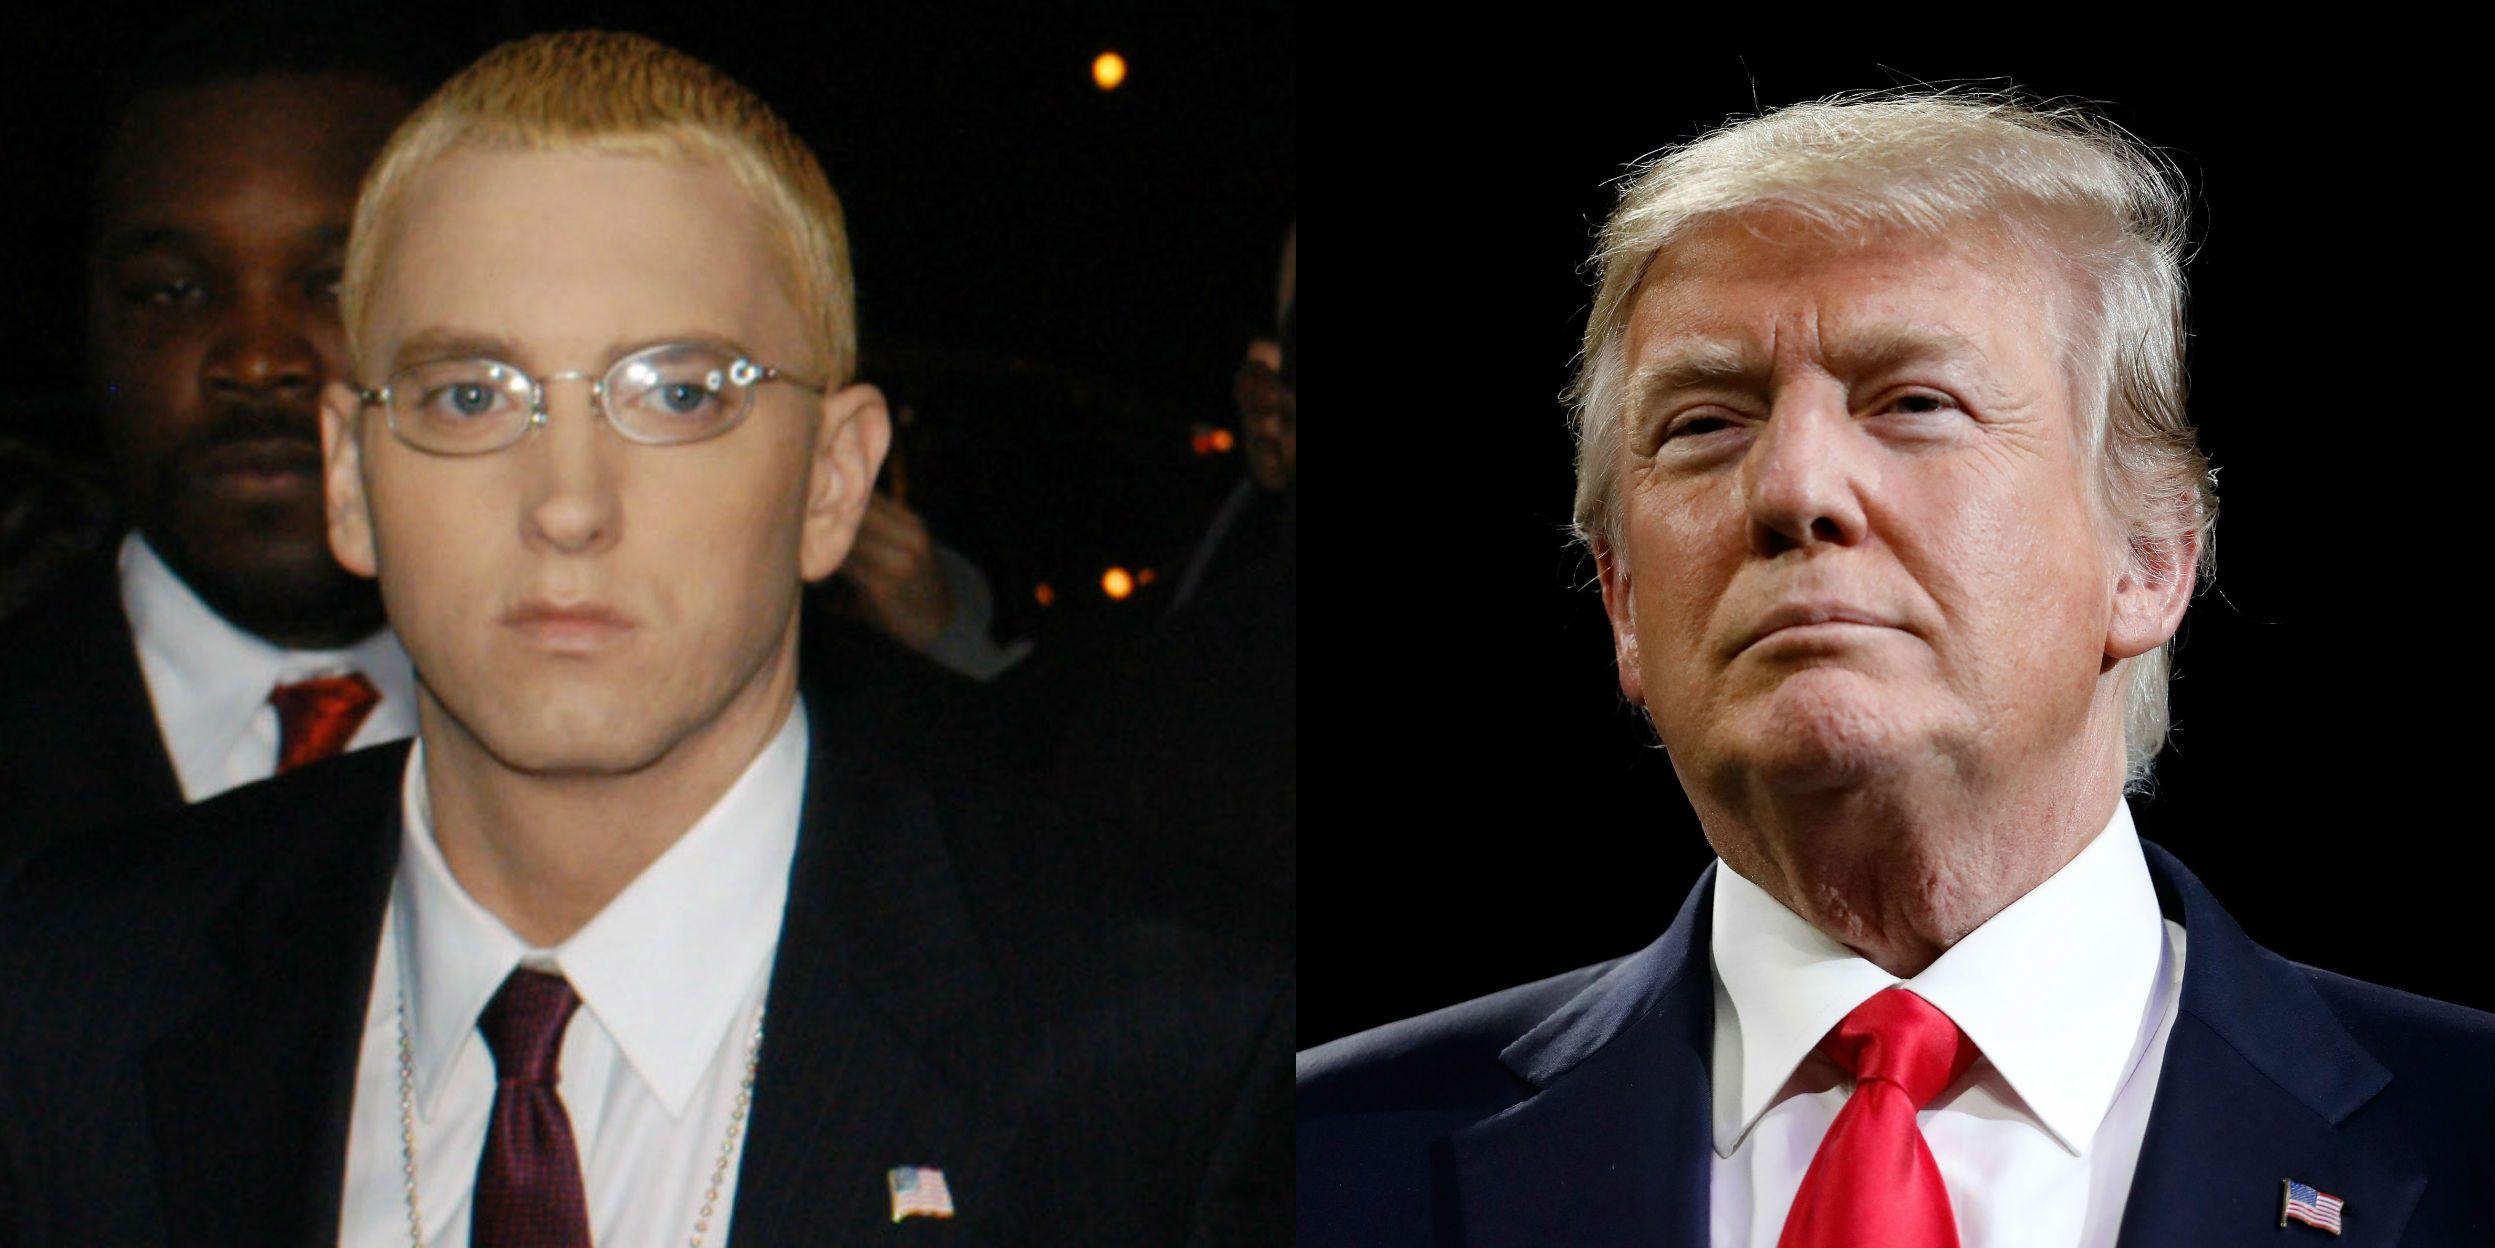 Eminem and Donald Trump